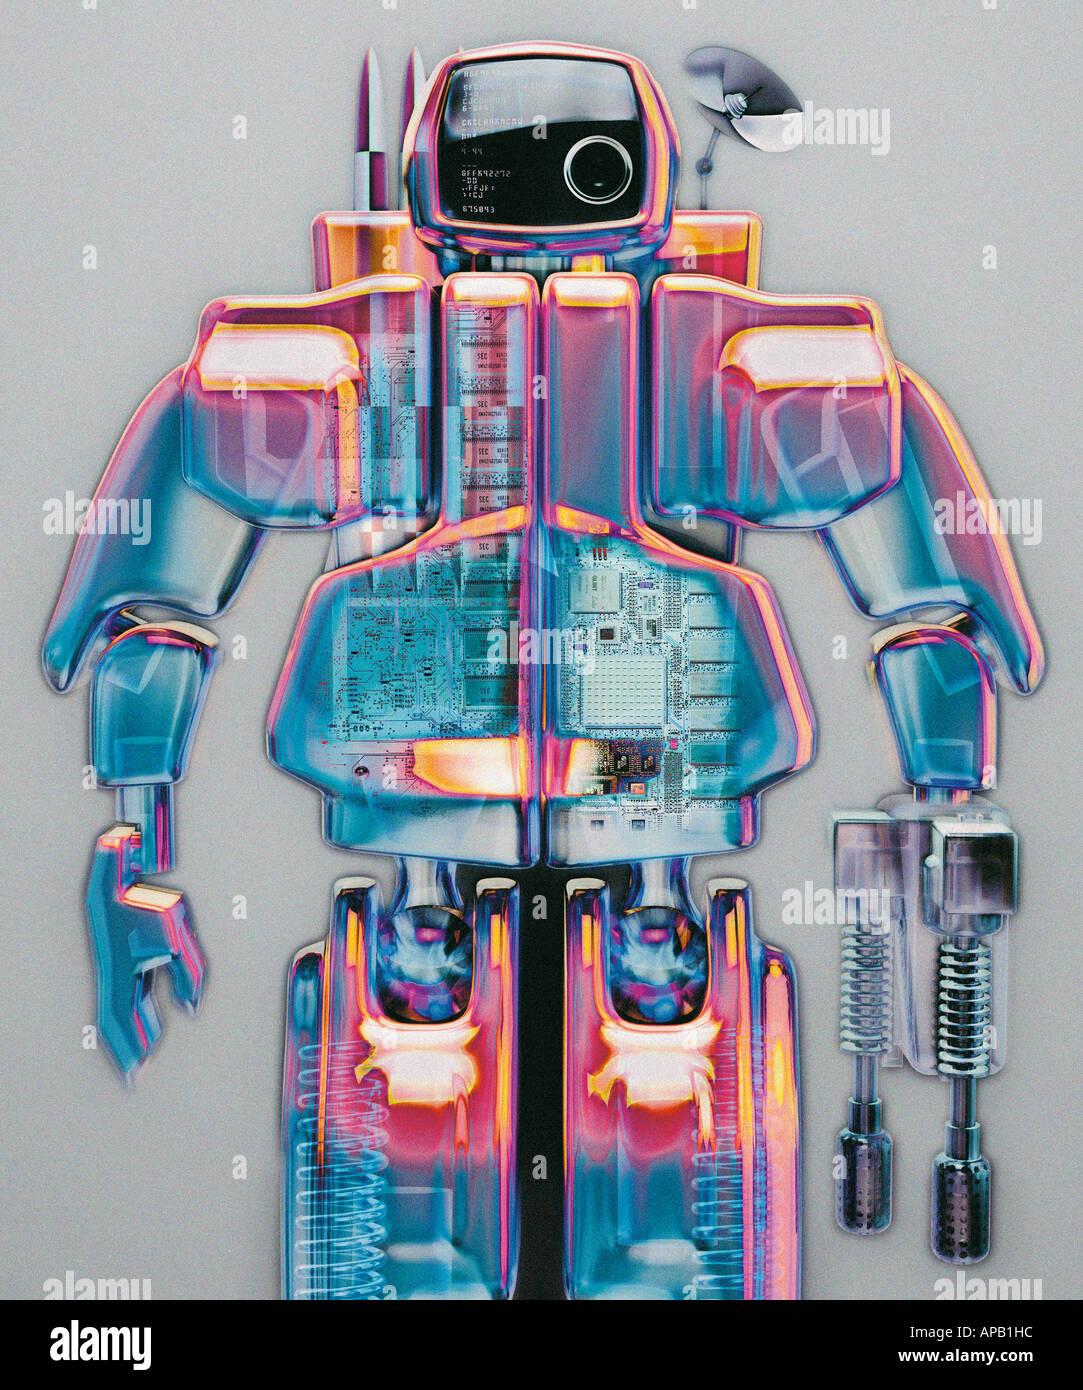 Image générée par ordinateur d'un robot bleu et rose Banque D'Images